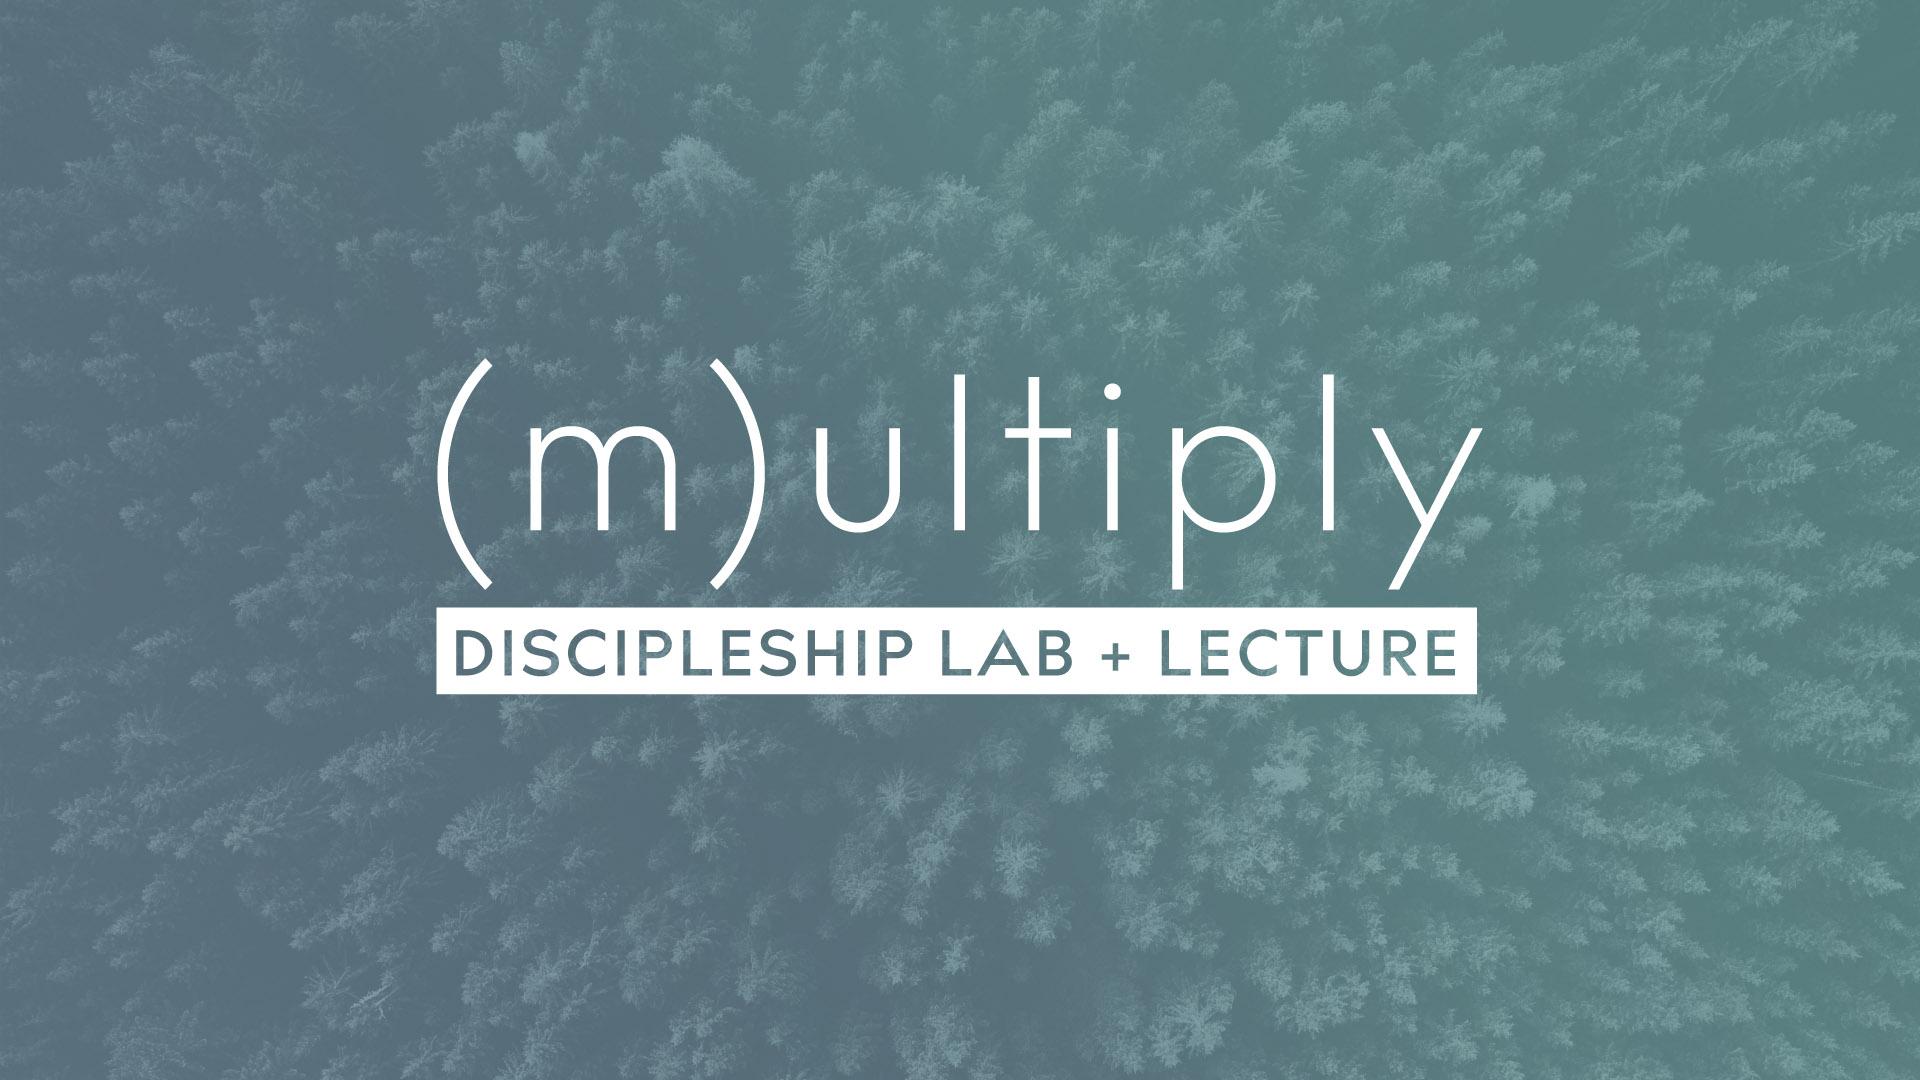 Multiply logo